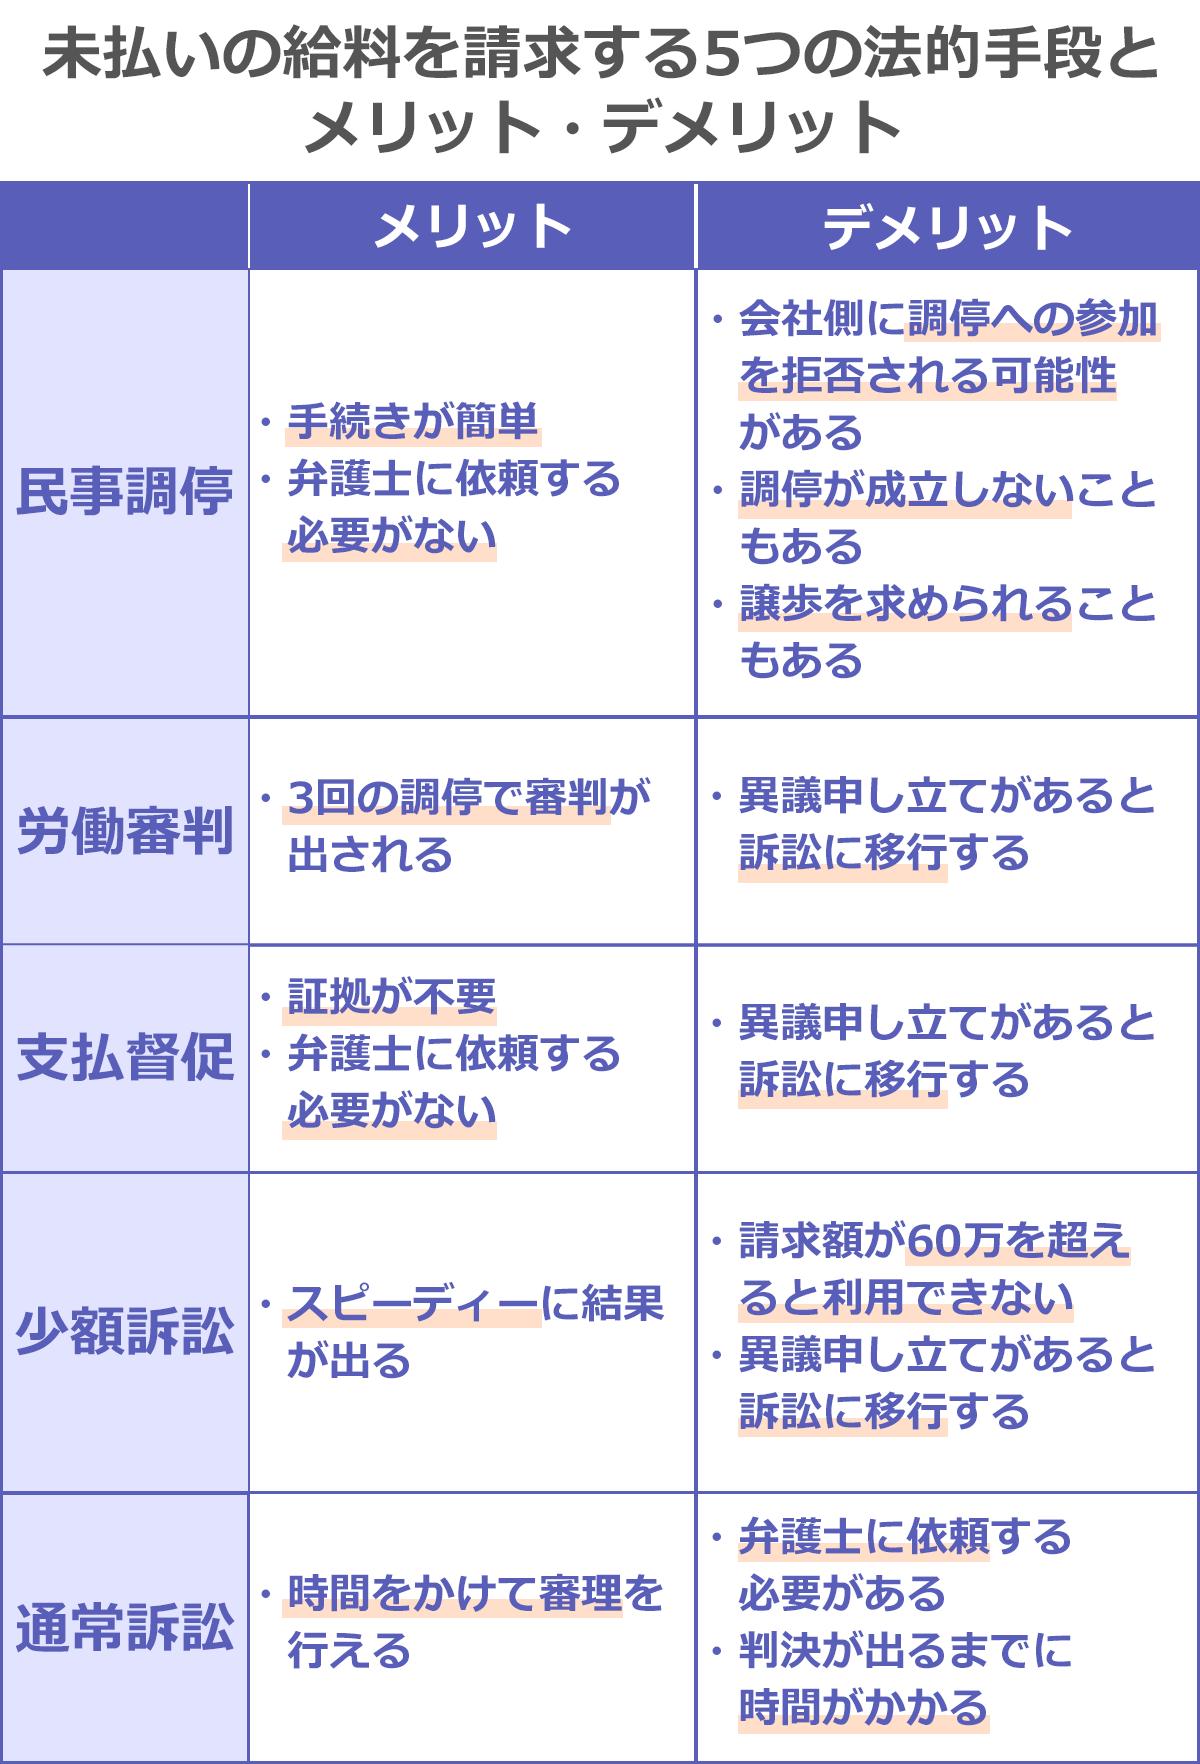 郵便 局員 年収